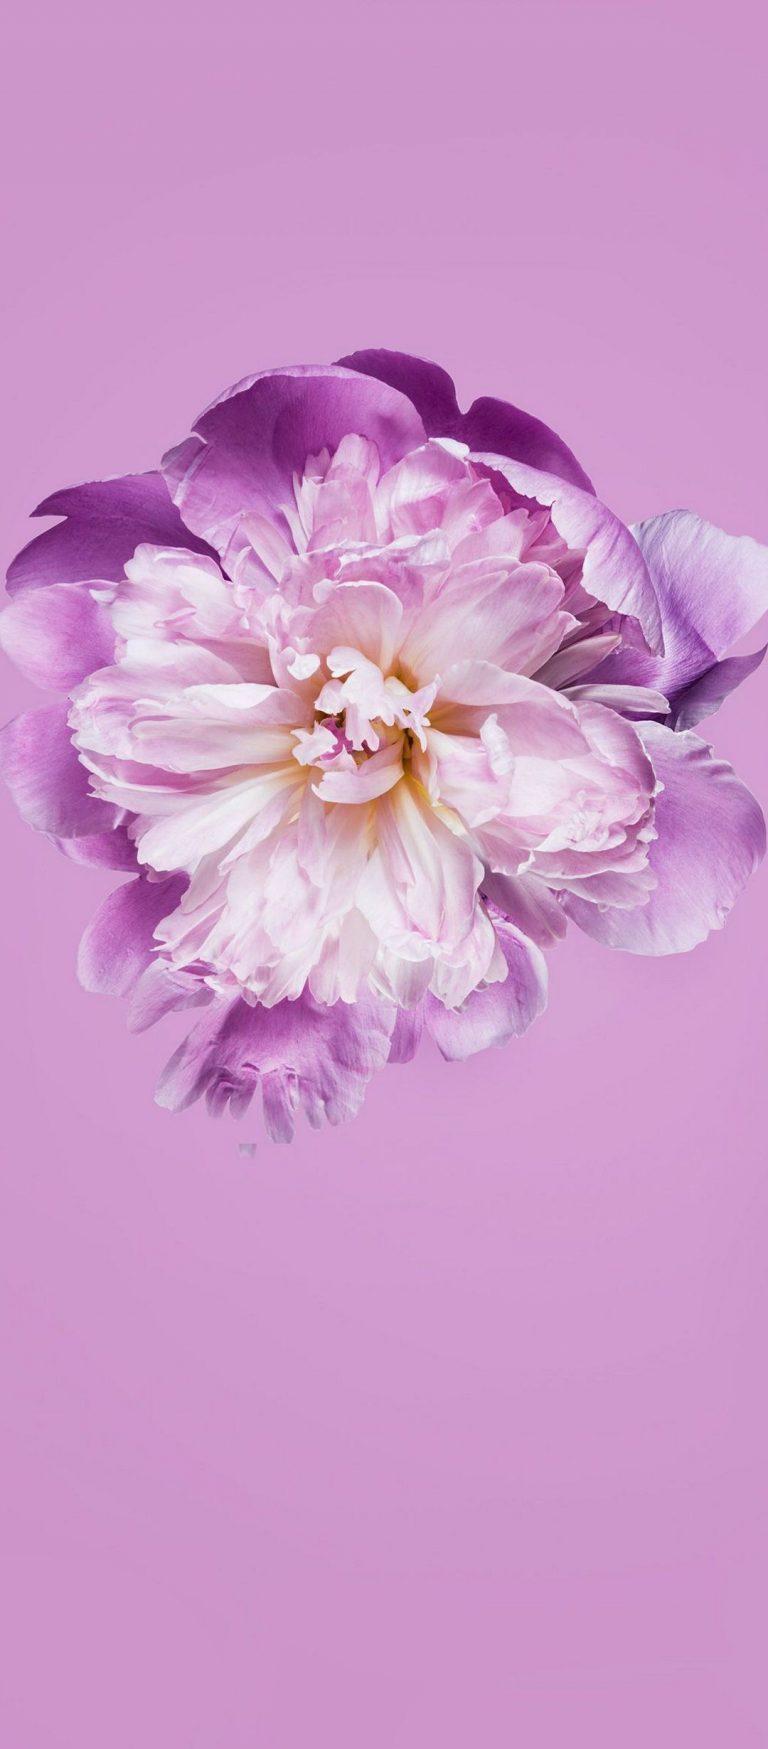 Pink Petals Flower 1080x2460 768x1749